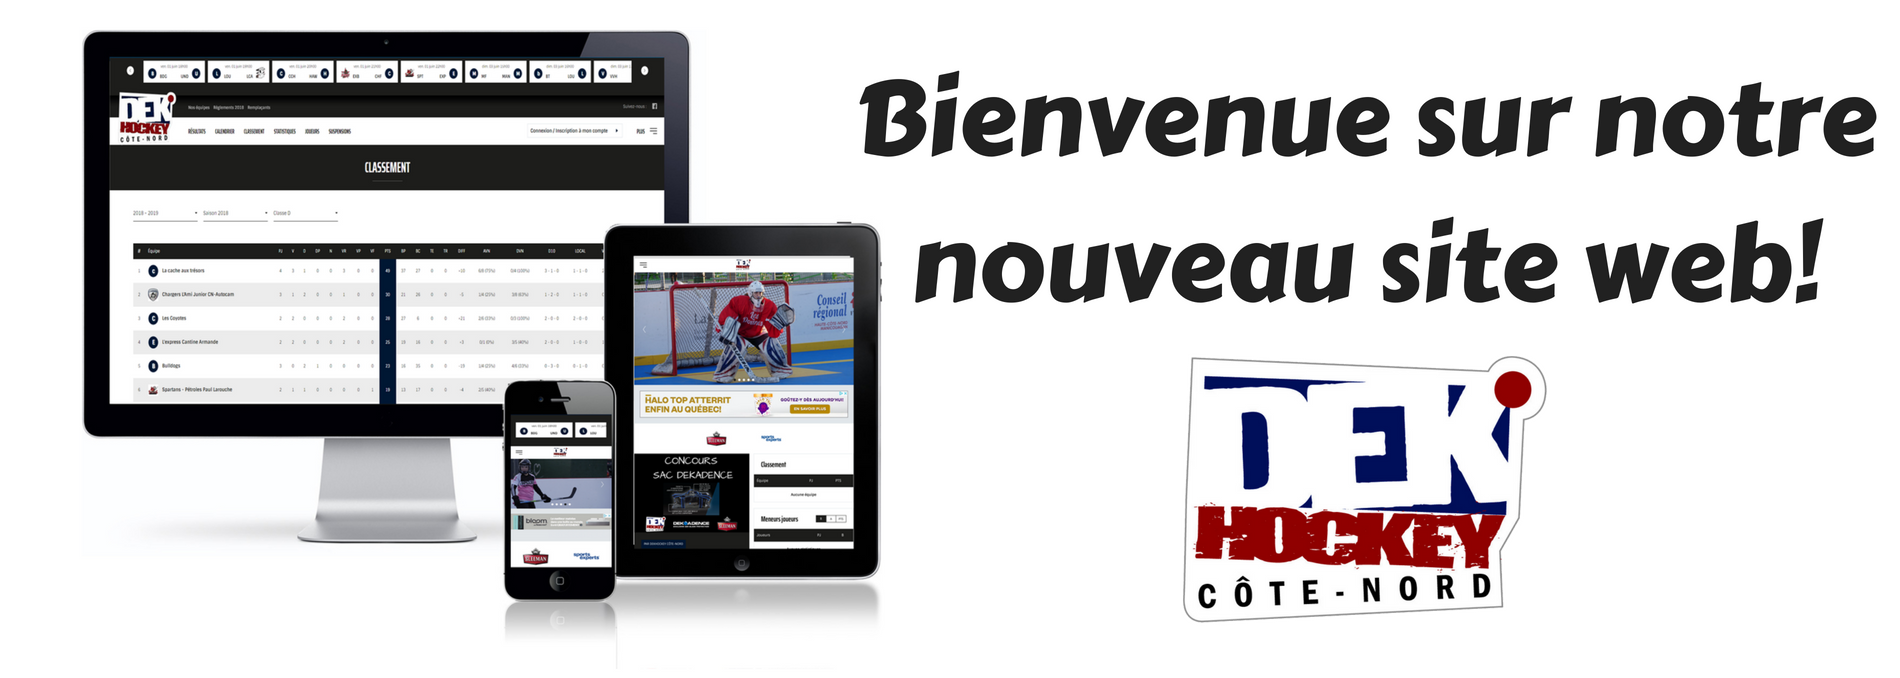 New Site Slider Accueil